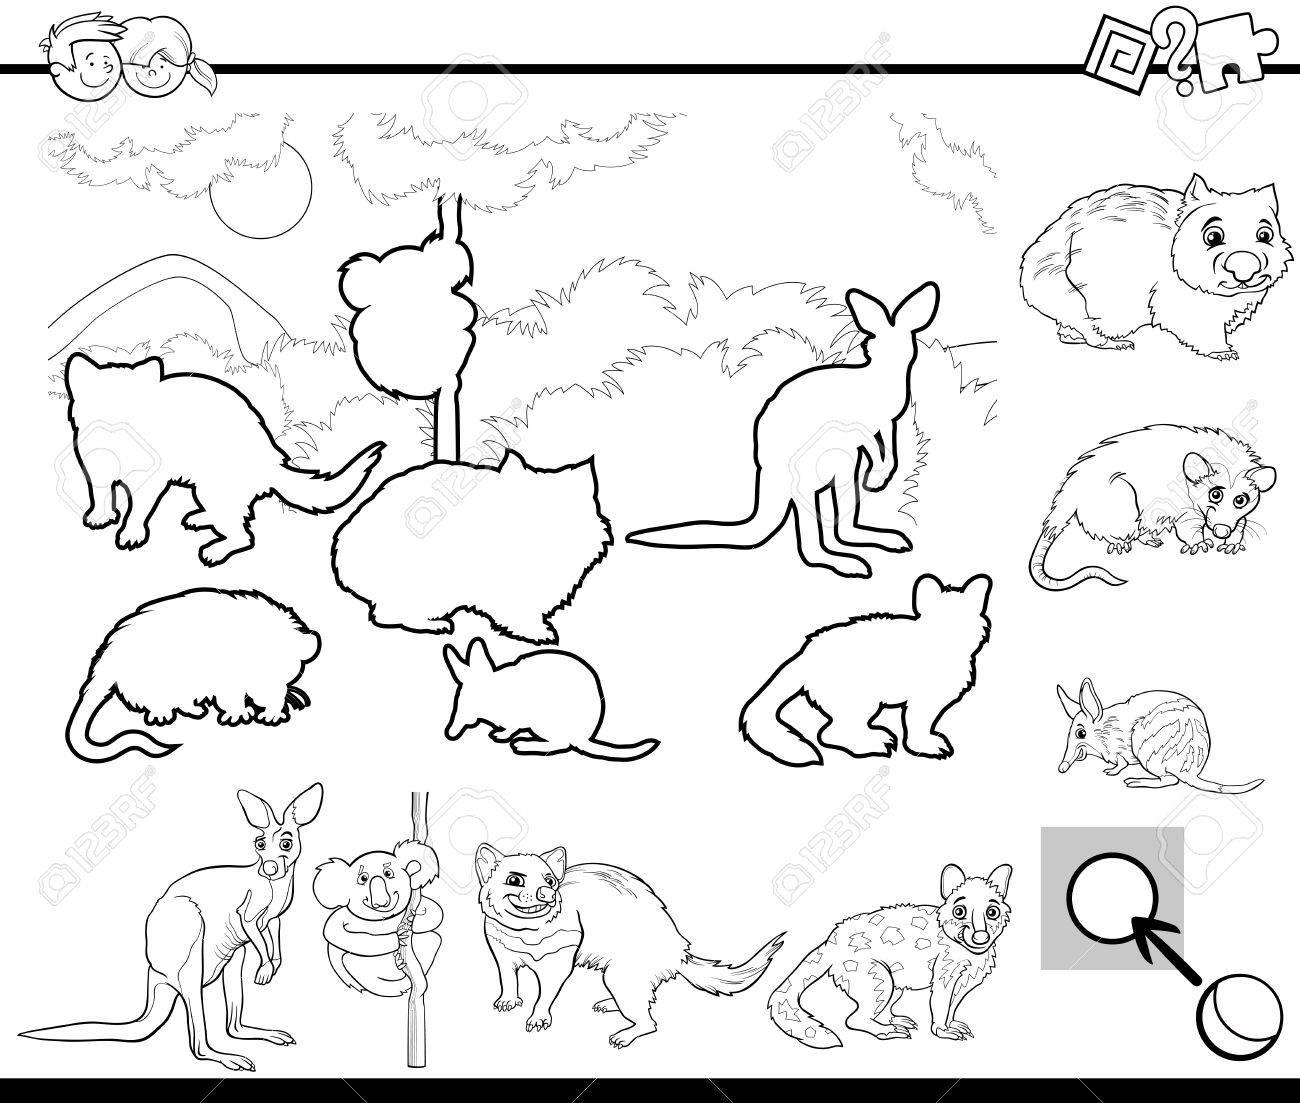 Dibujos Animados De Blanco Y Negro Ilustración De La Actividad Educativa Para Niños En Edad Preescolar Con Caracteres Animales Australianos Para